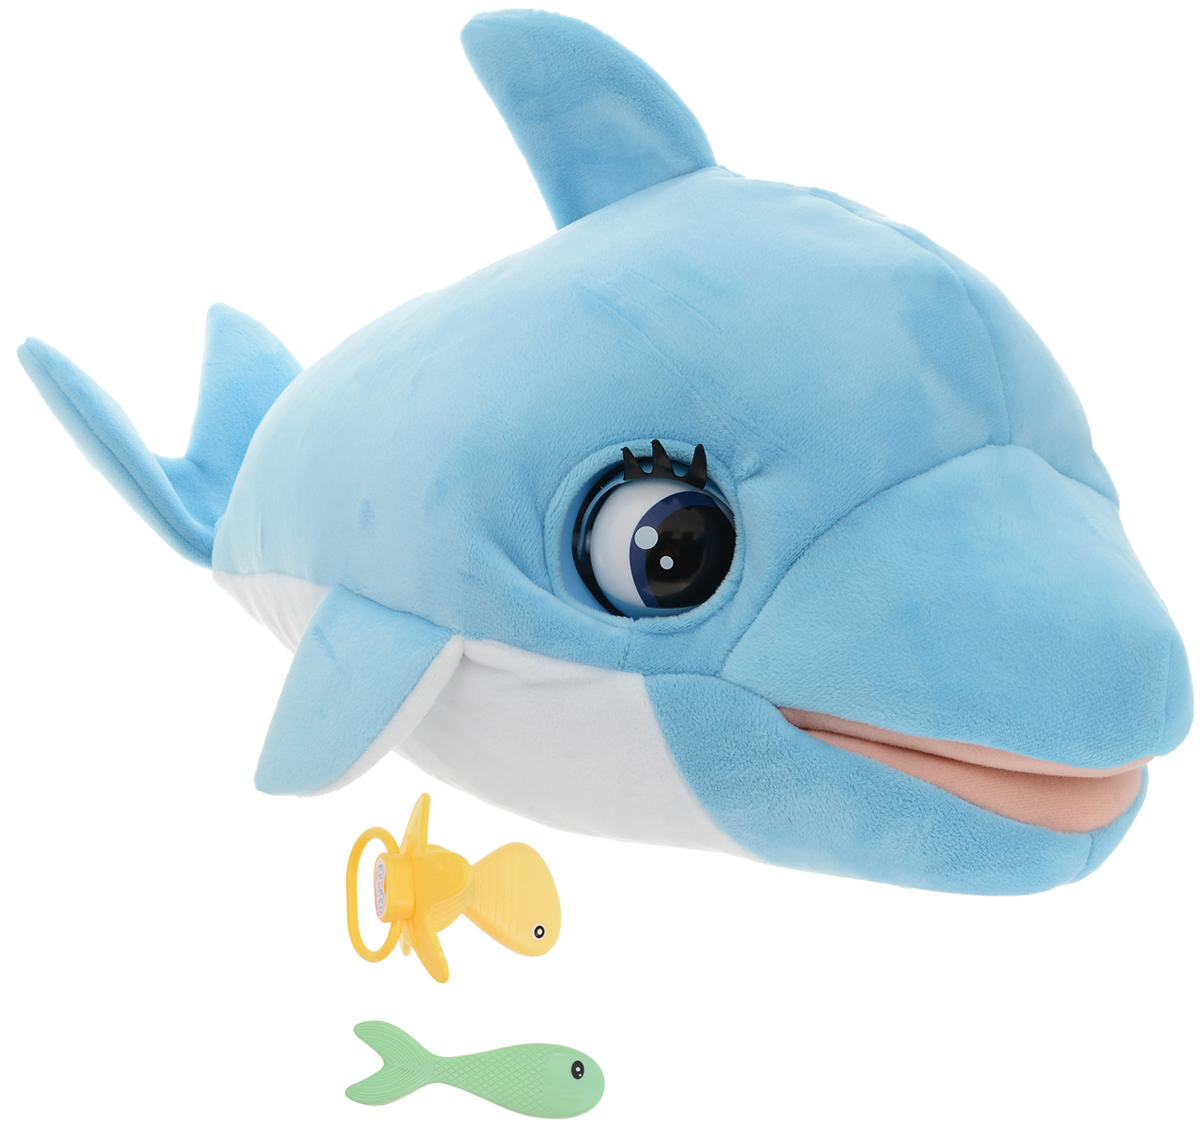 IMC Toys Интерактивная игрушка Дельфин Blu Blu - Интерактивные игрушки